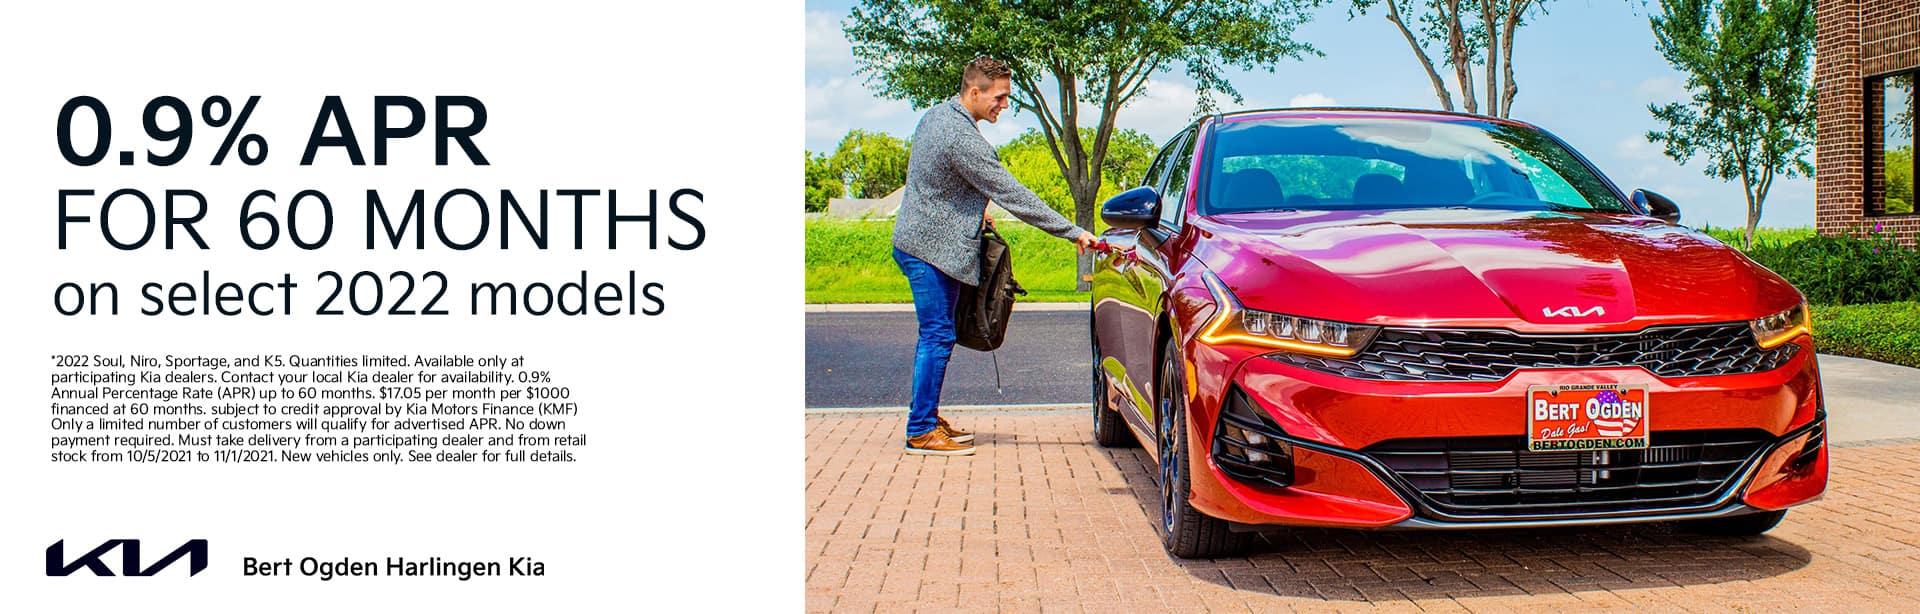 0.9% APR on Select 2022 Kia Models   Bert Ogden Harlingen Kia in Harlingen, Texas